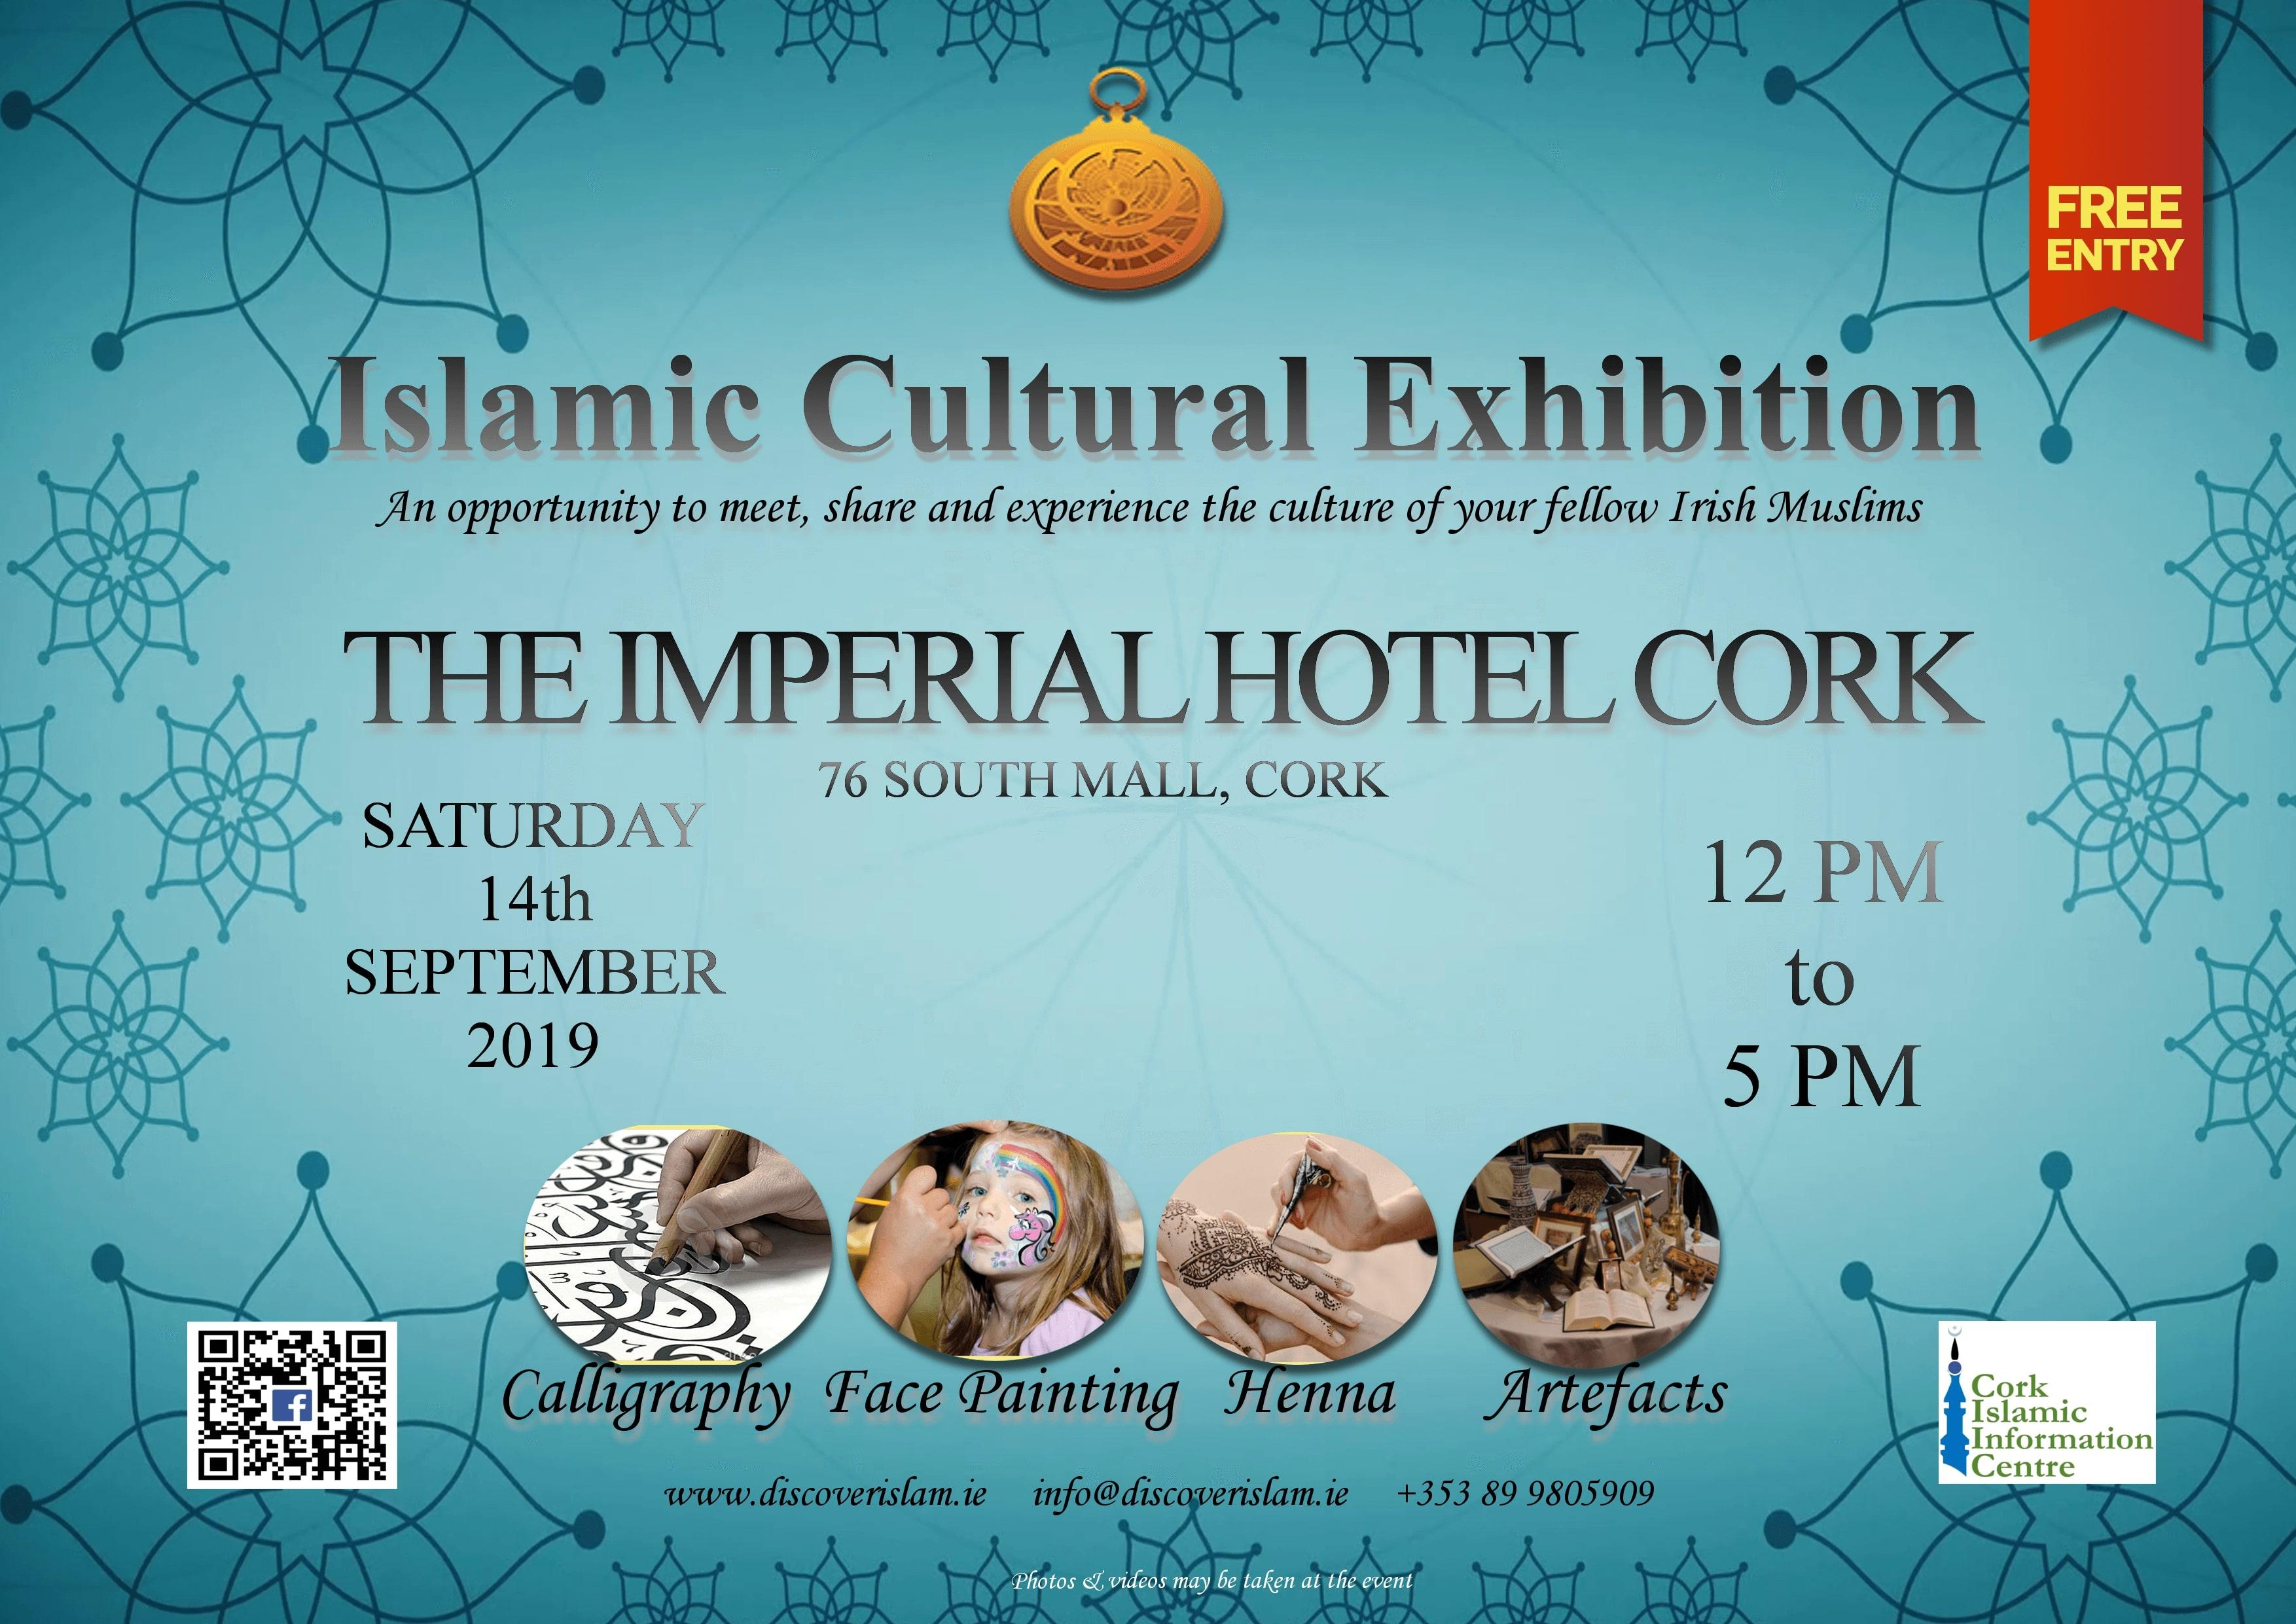 Cork Islamic Culture Exhibition 2019